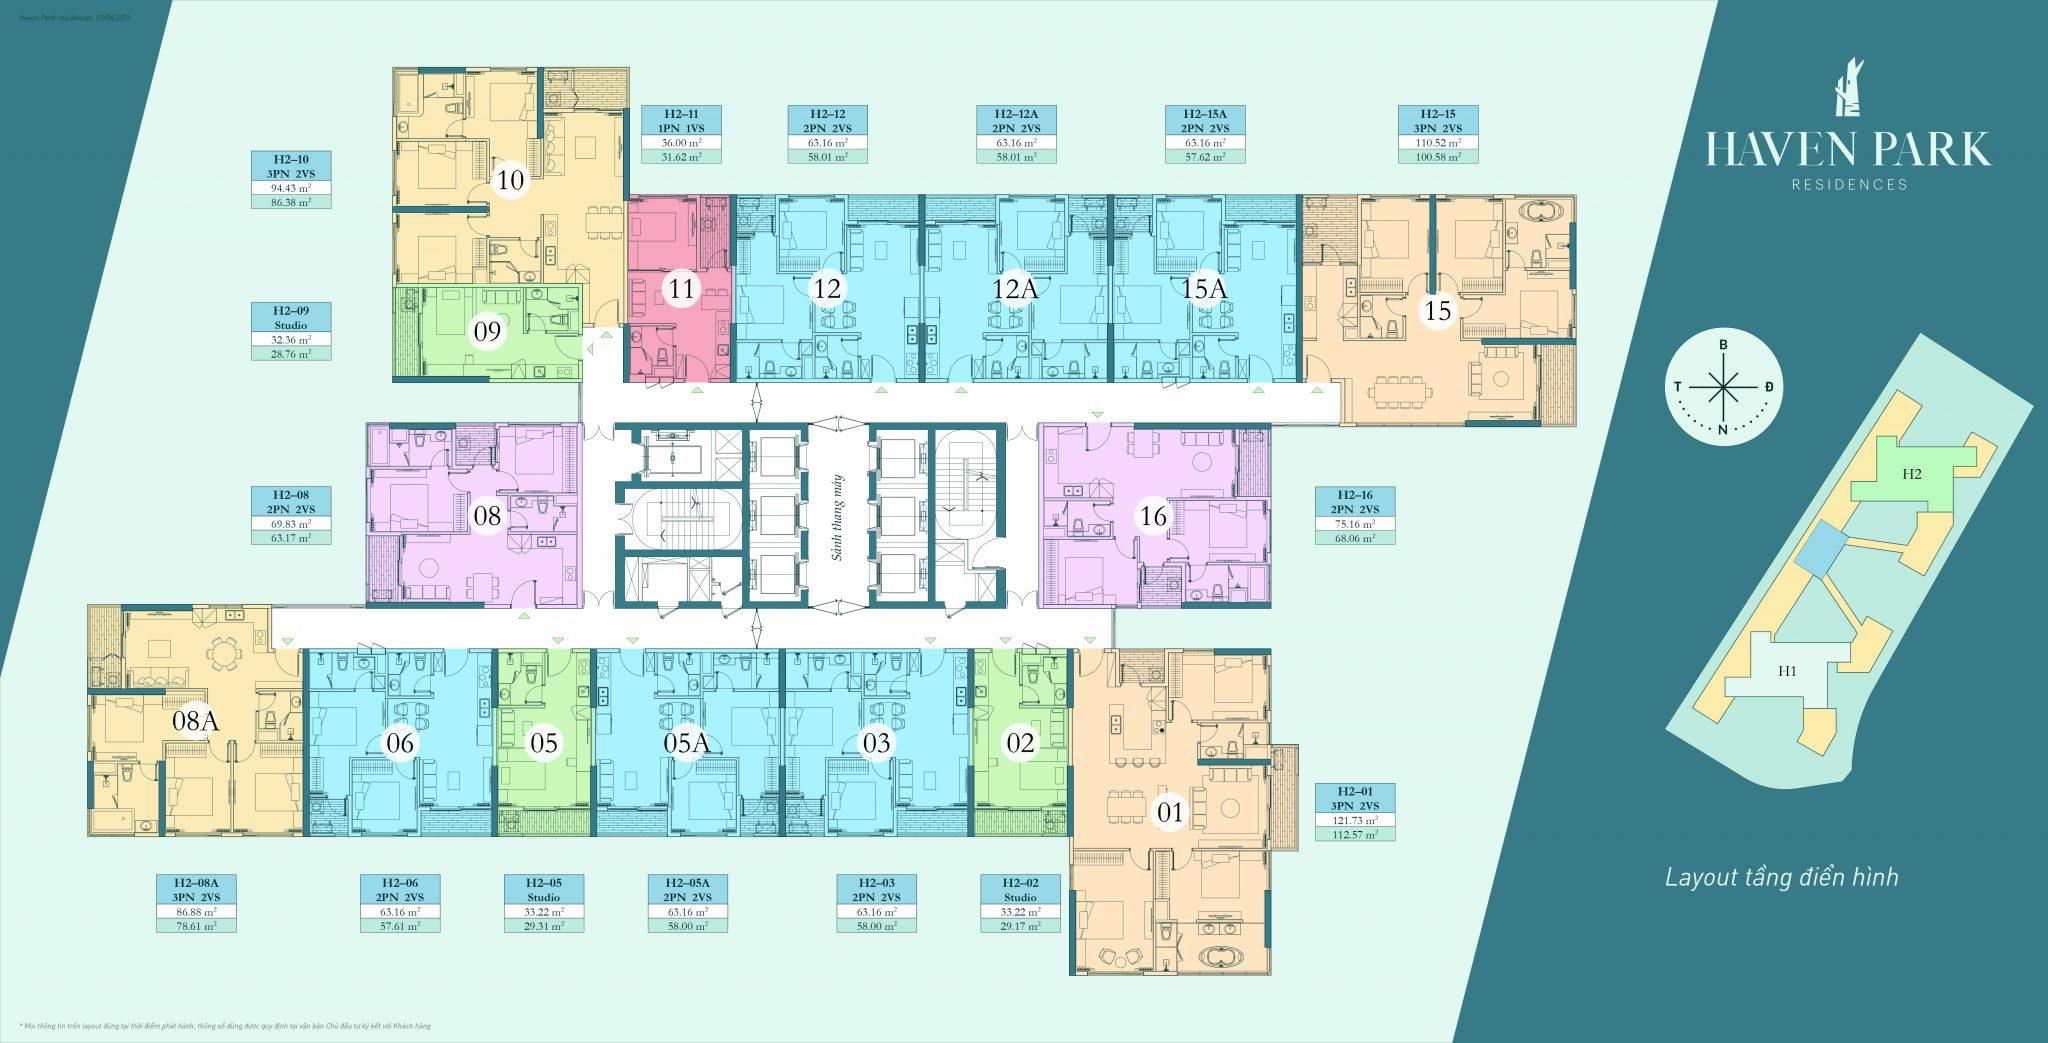 Bán căn hộ chung cư ecopark căn hộ 1 ngủ, 2 ngủ, 3 ngủ giá chủ đầu tư